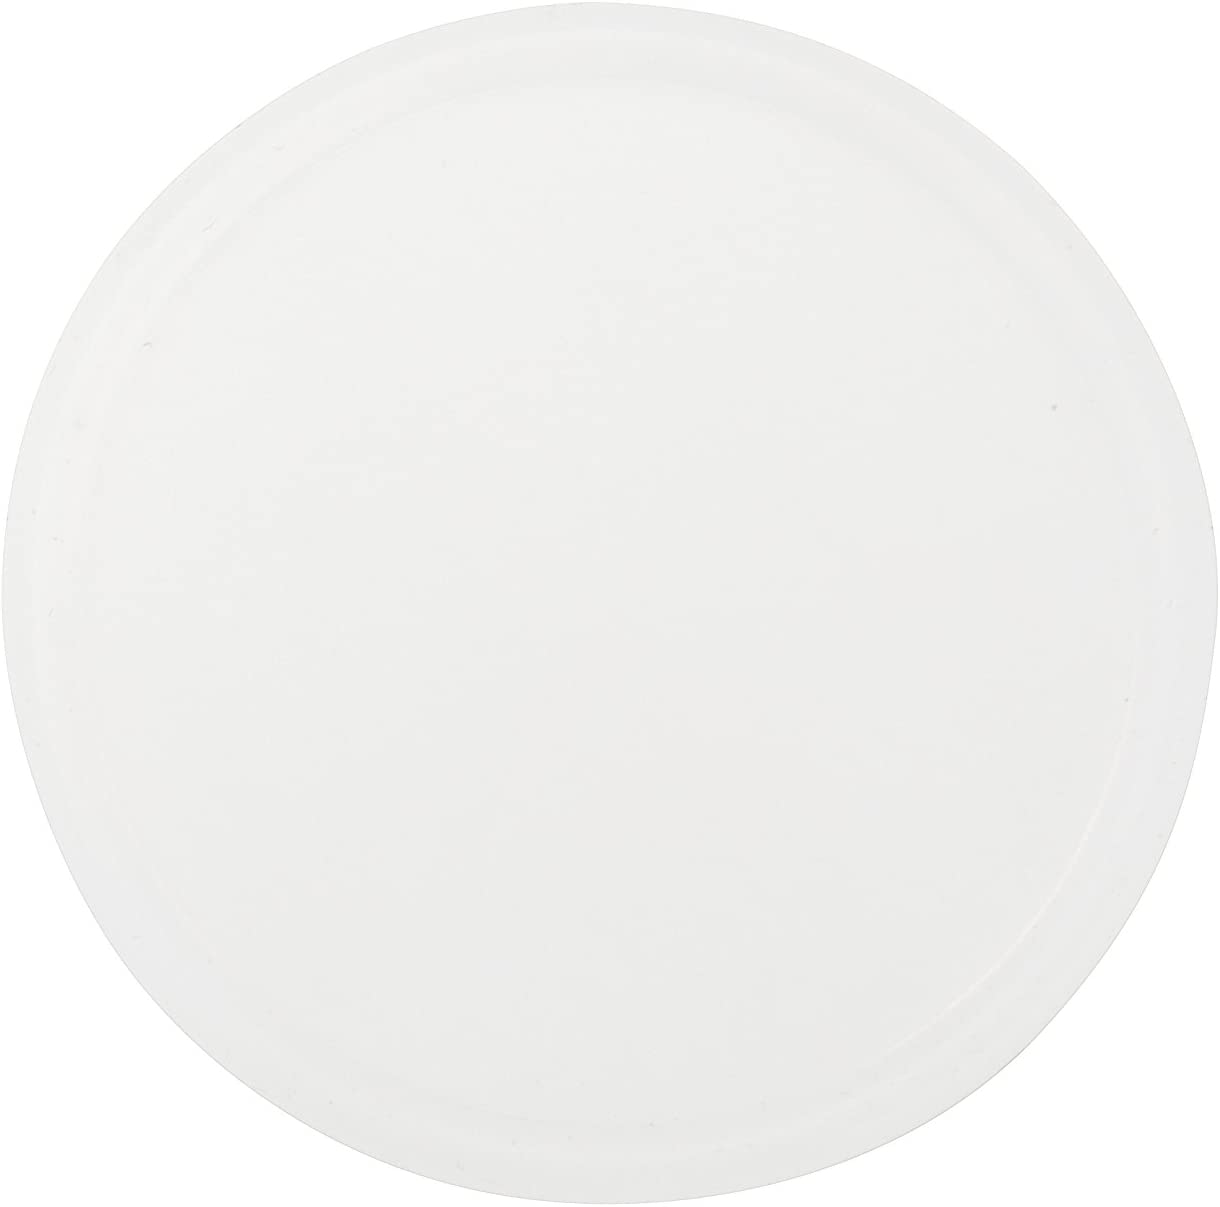 Briloner leuchten spot encastr/é /à lED 7223-060 cOUVERTURE-lot de 6